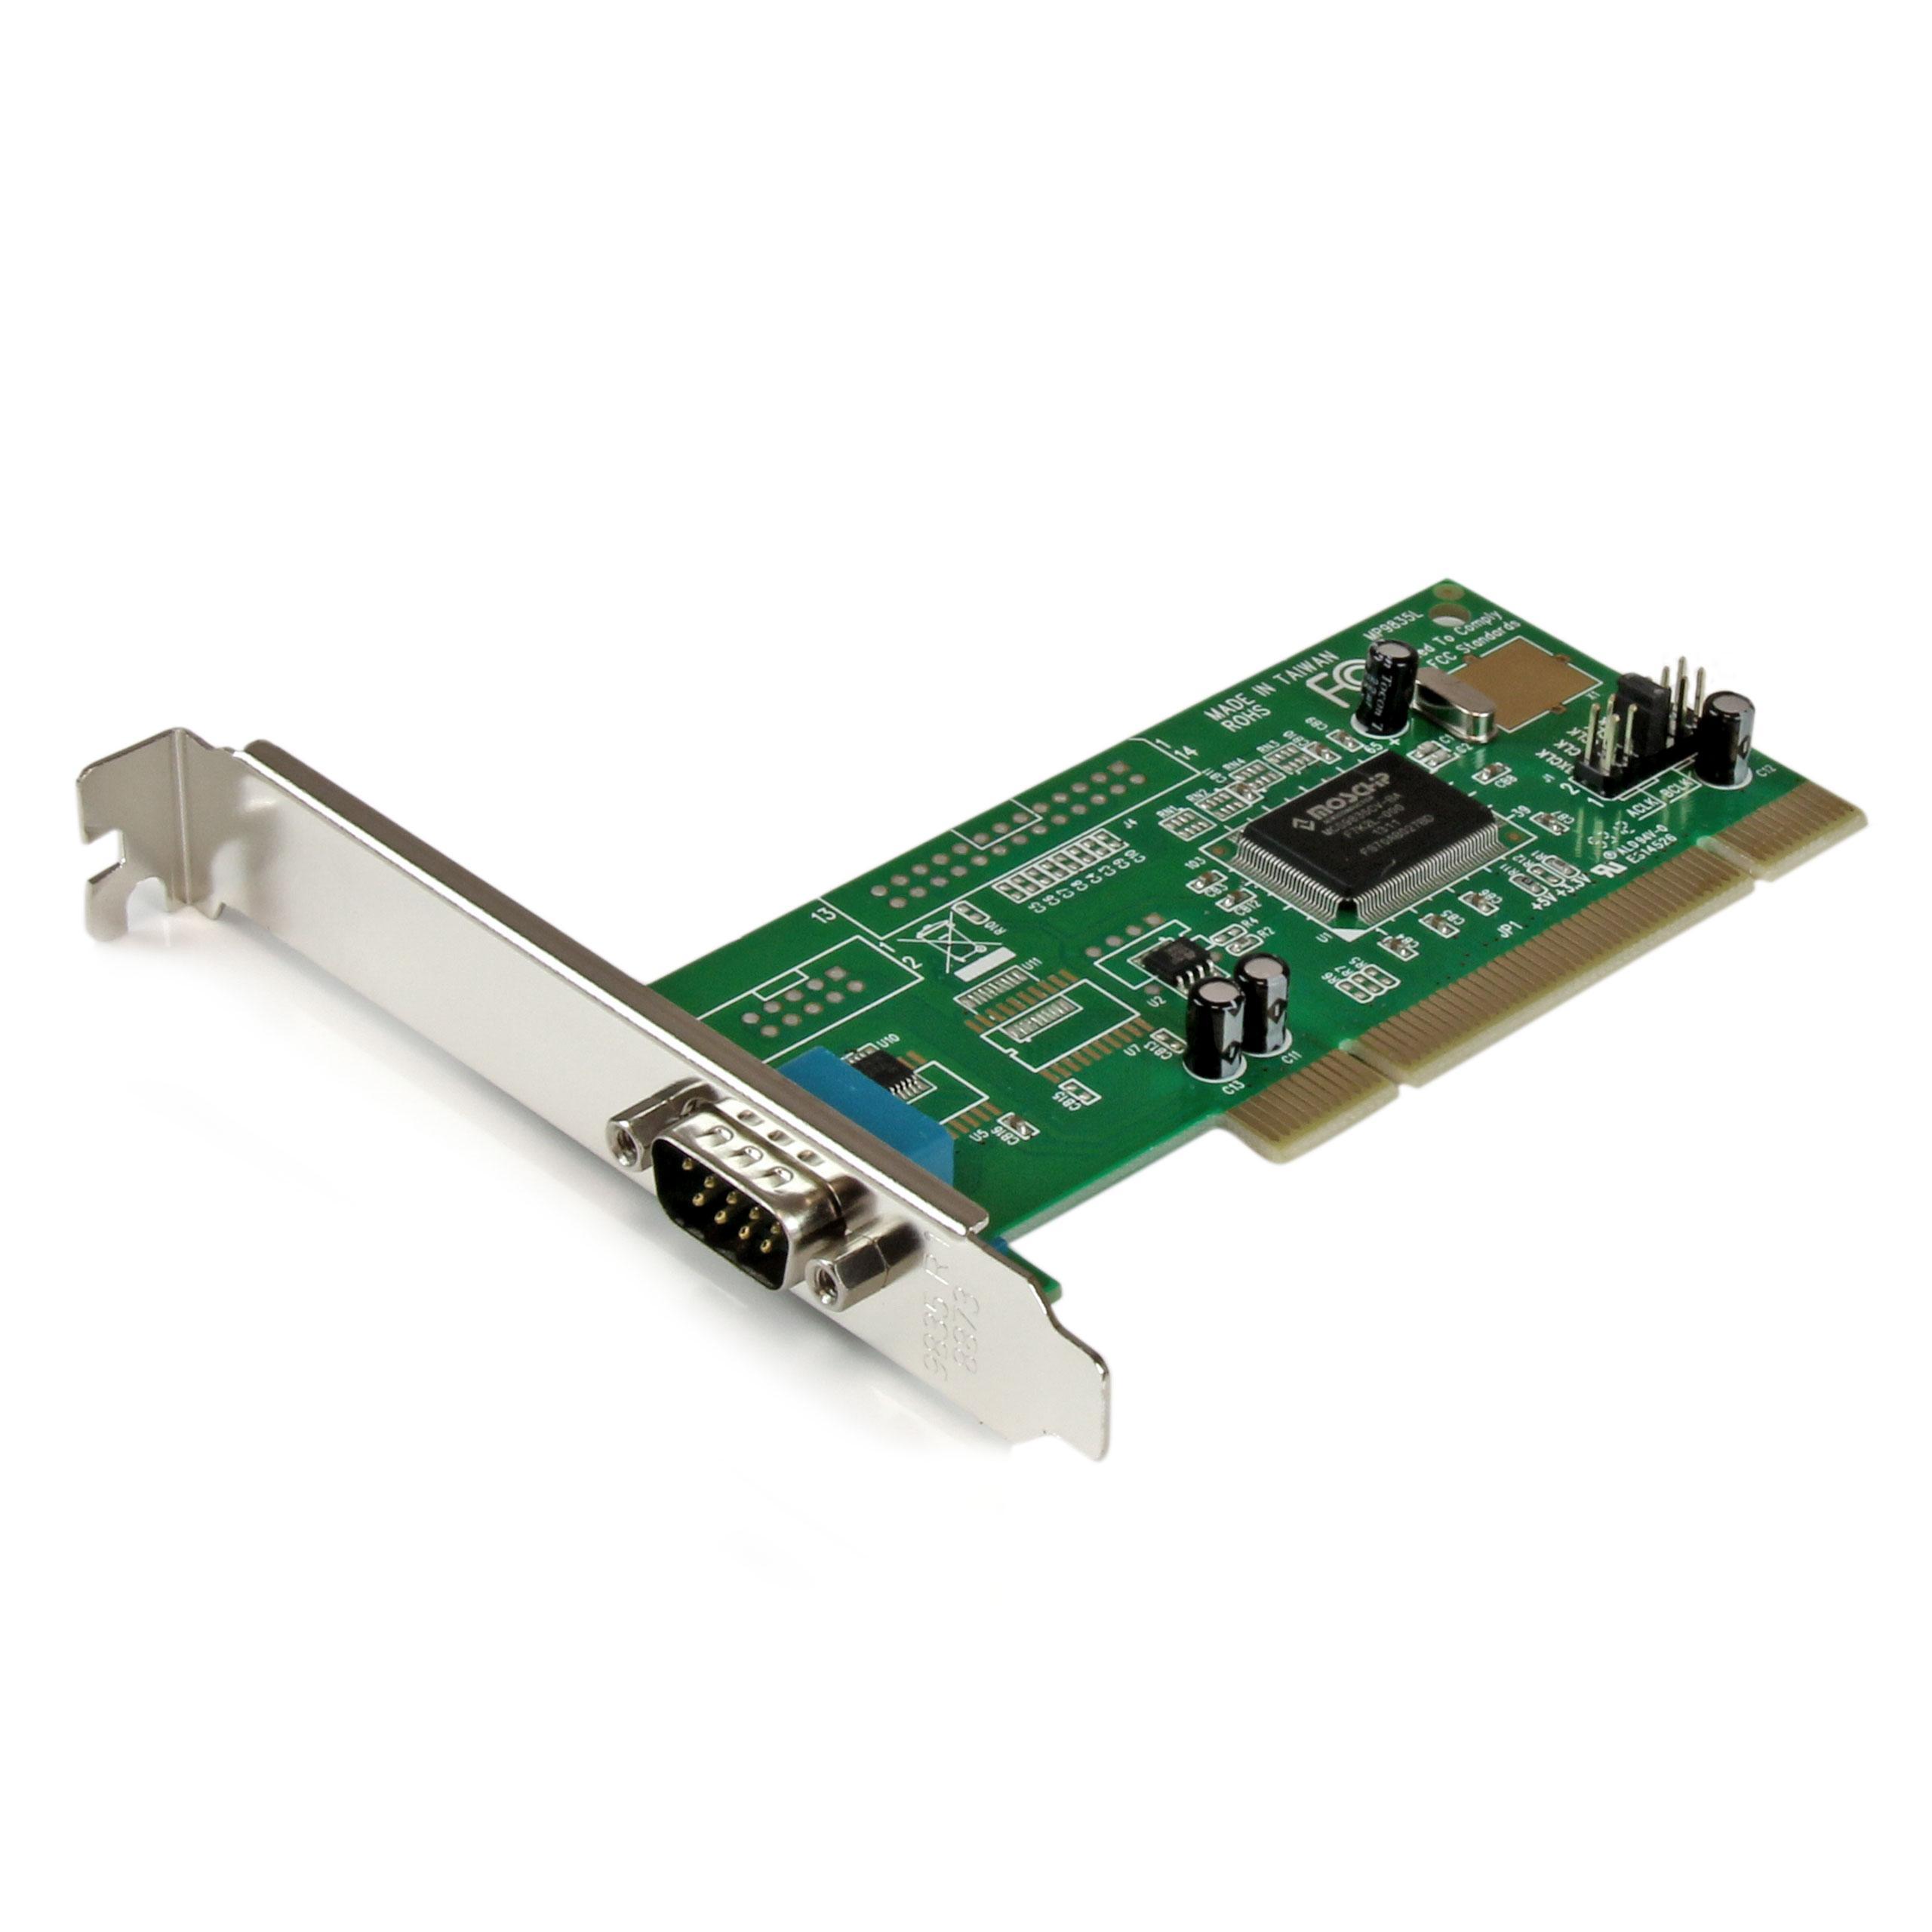 Amazon.com: StarTech.com 2 Port PCI RS232 Serial Adapter ...